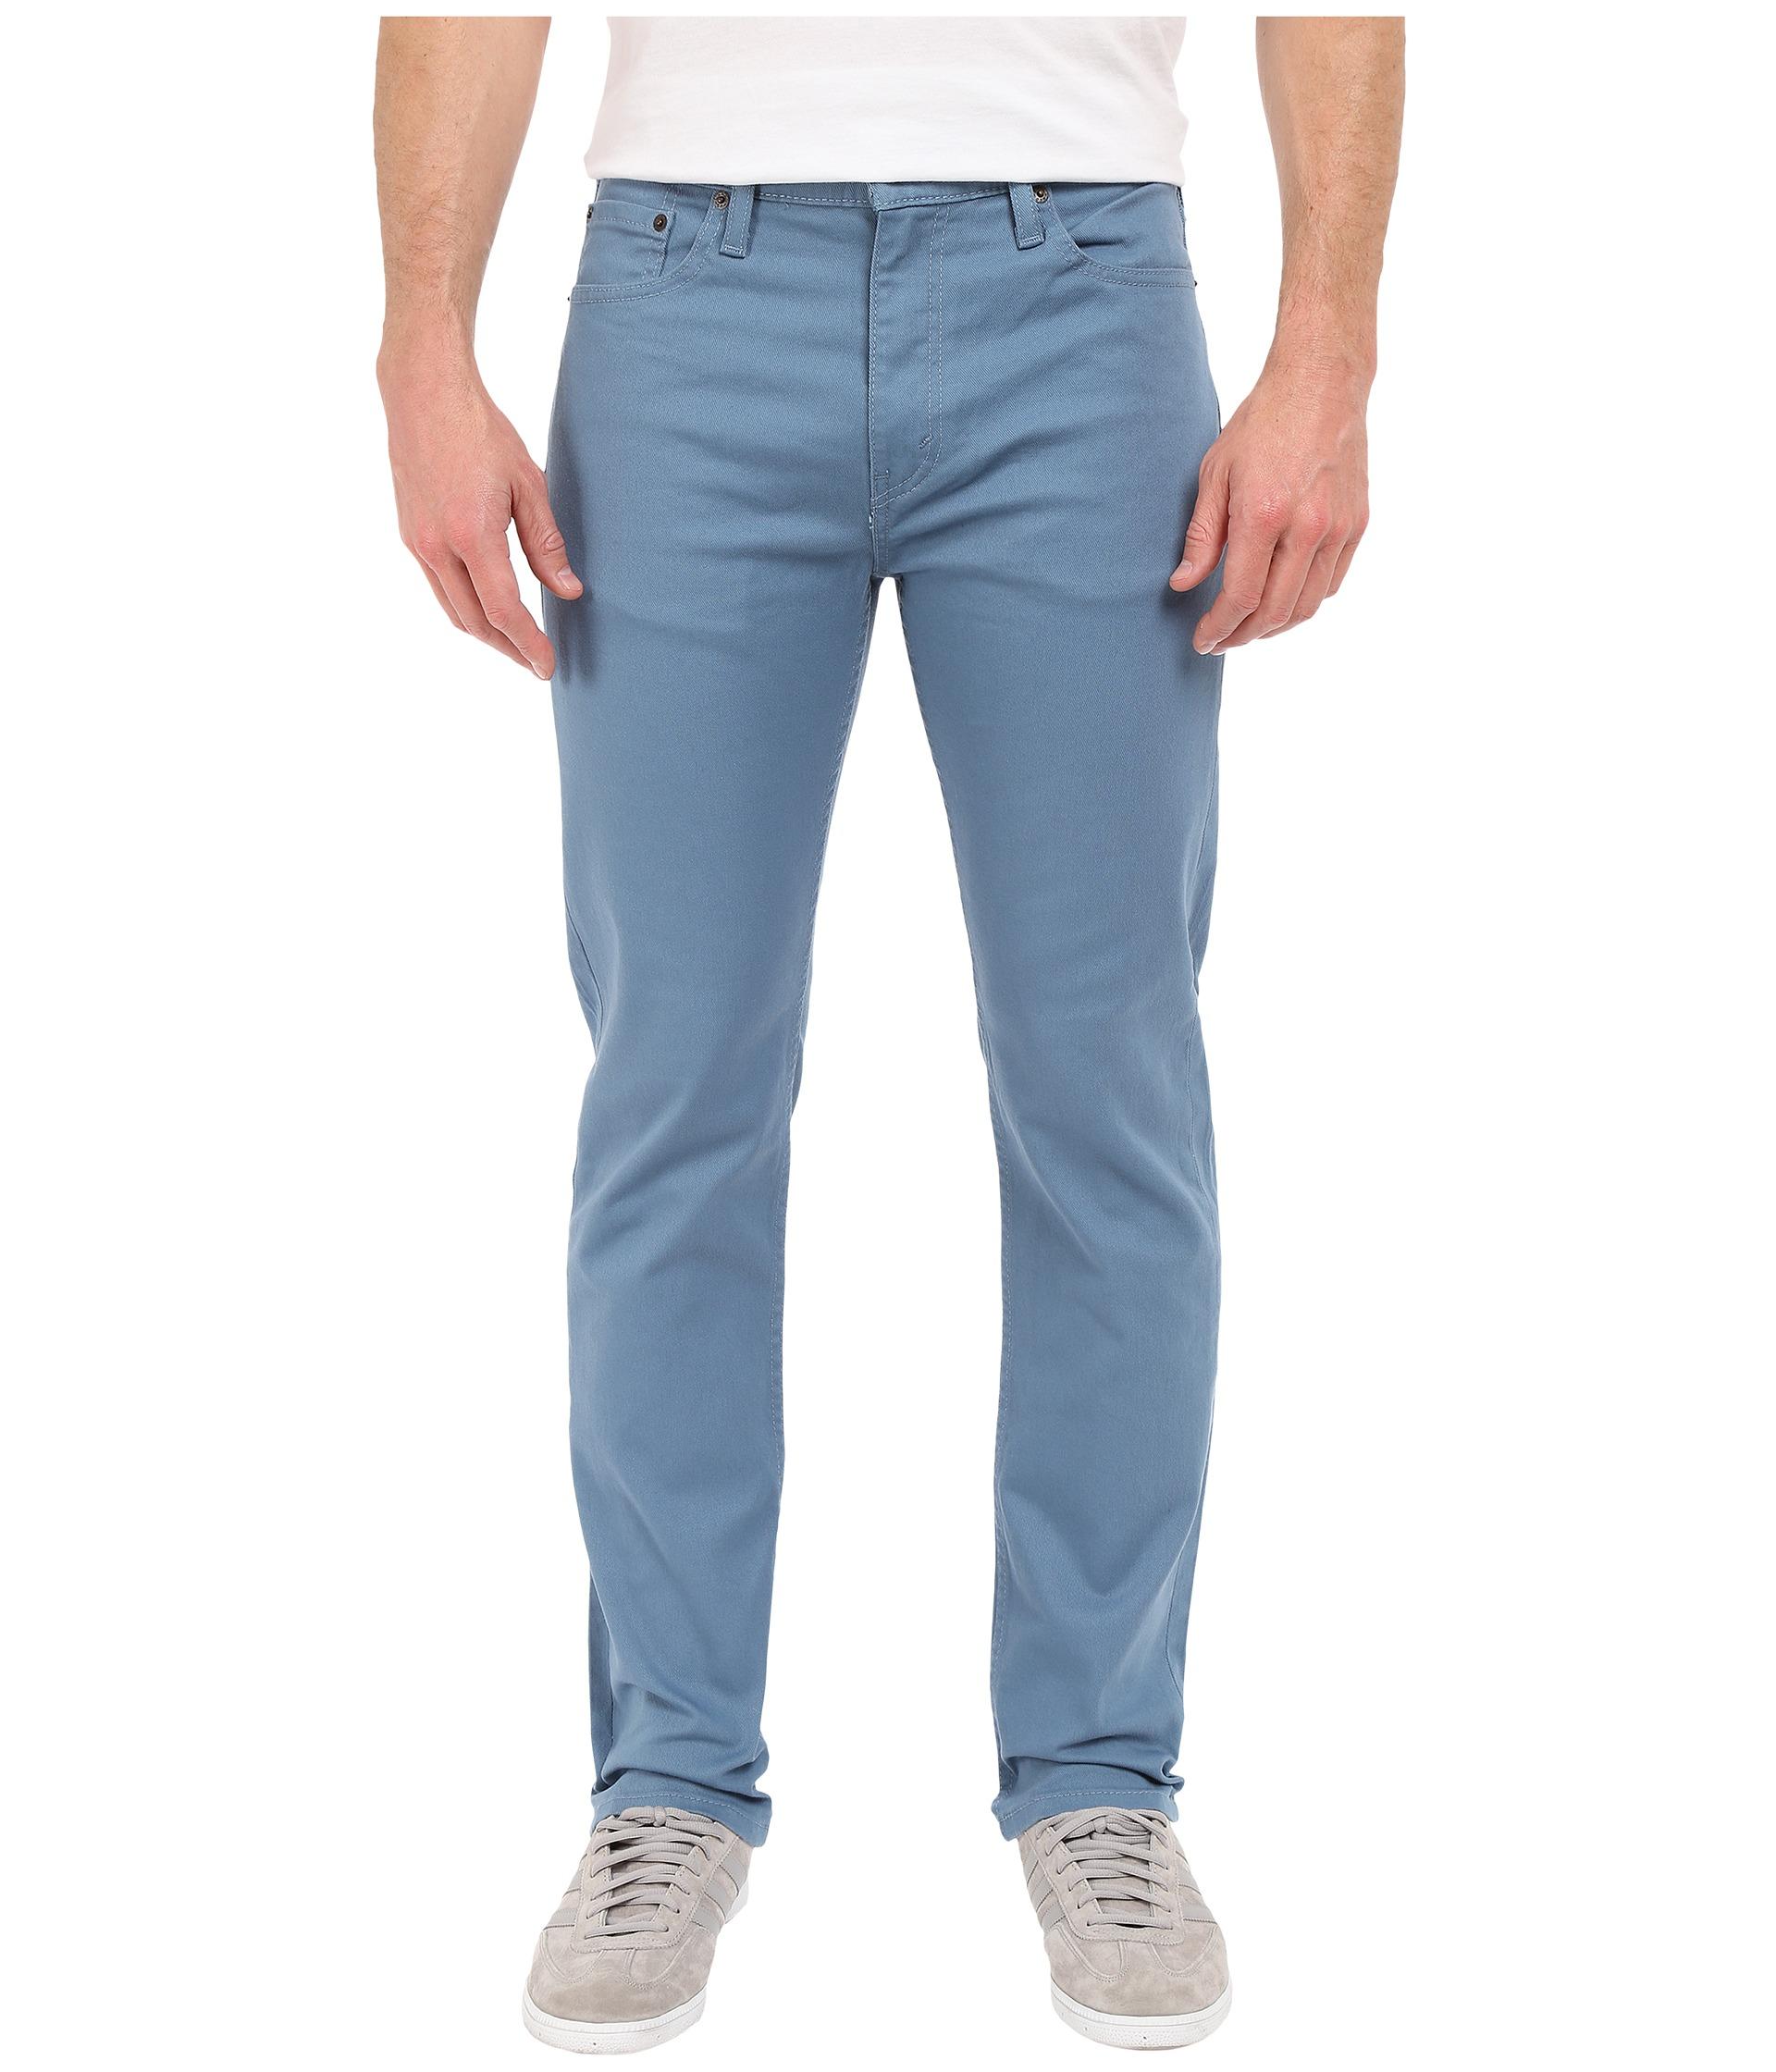 levi 513 mens jeans images straight fit jeans herren. Black Bedroom Furniture Sets. Home Design Ideas